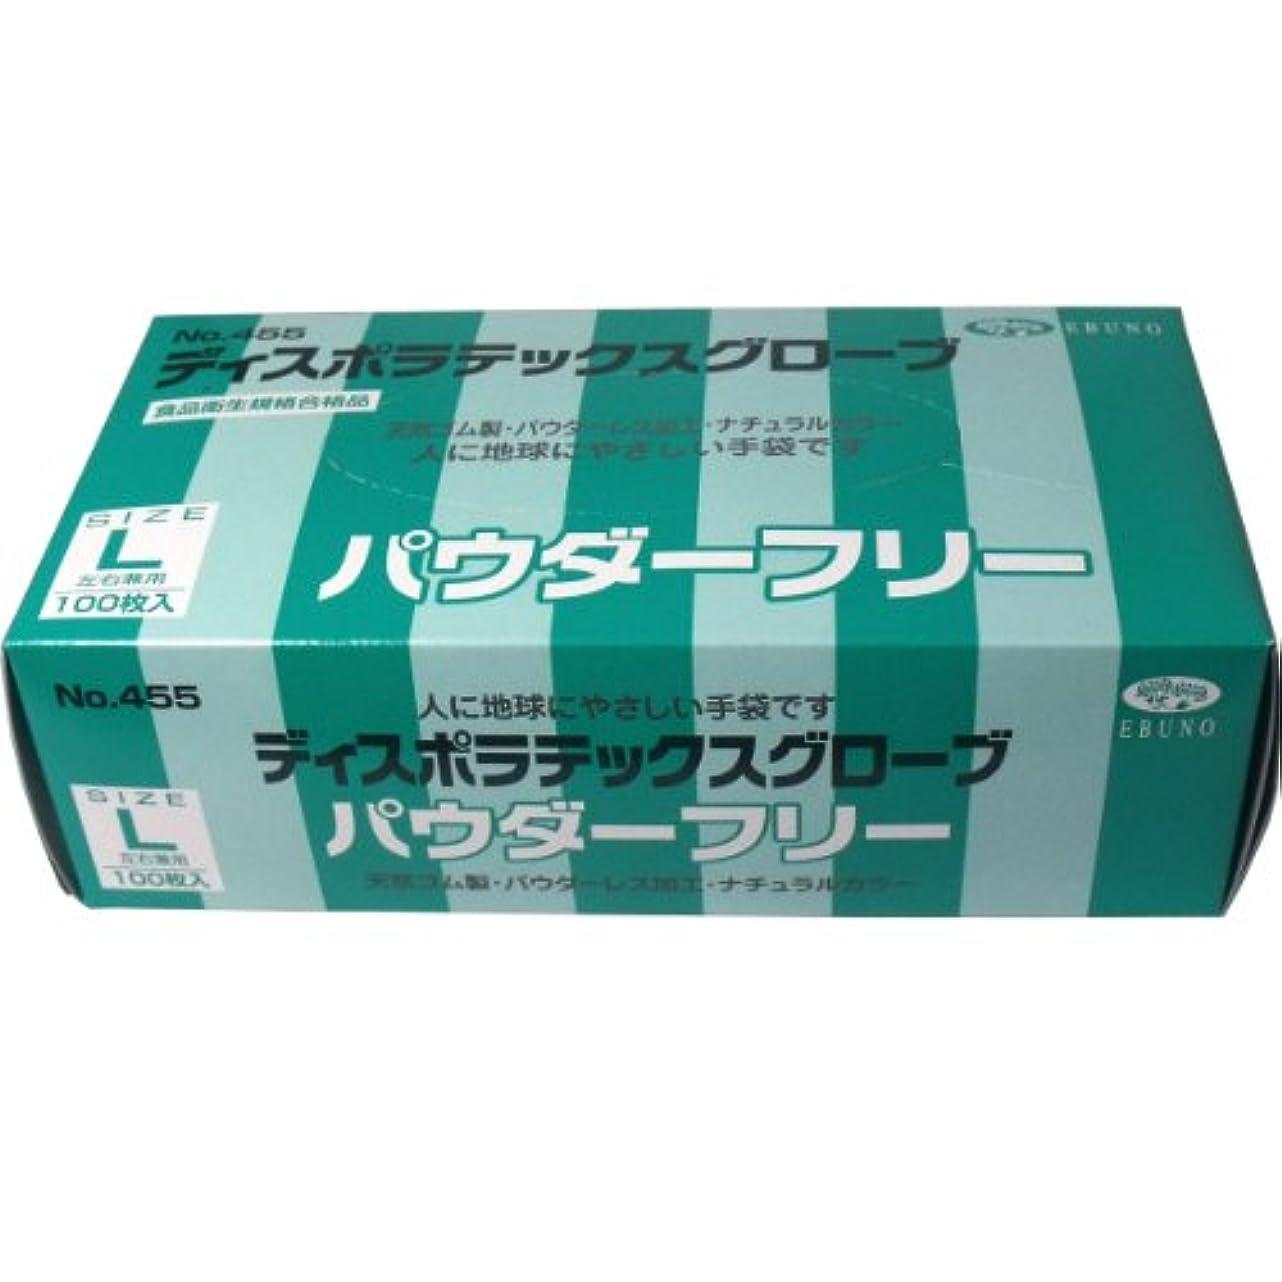 ディスポ ラテックスグローブ(天然ゴム手袋) パウダーフリー Lサイズ 100枚入 ×3個セット